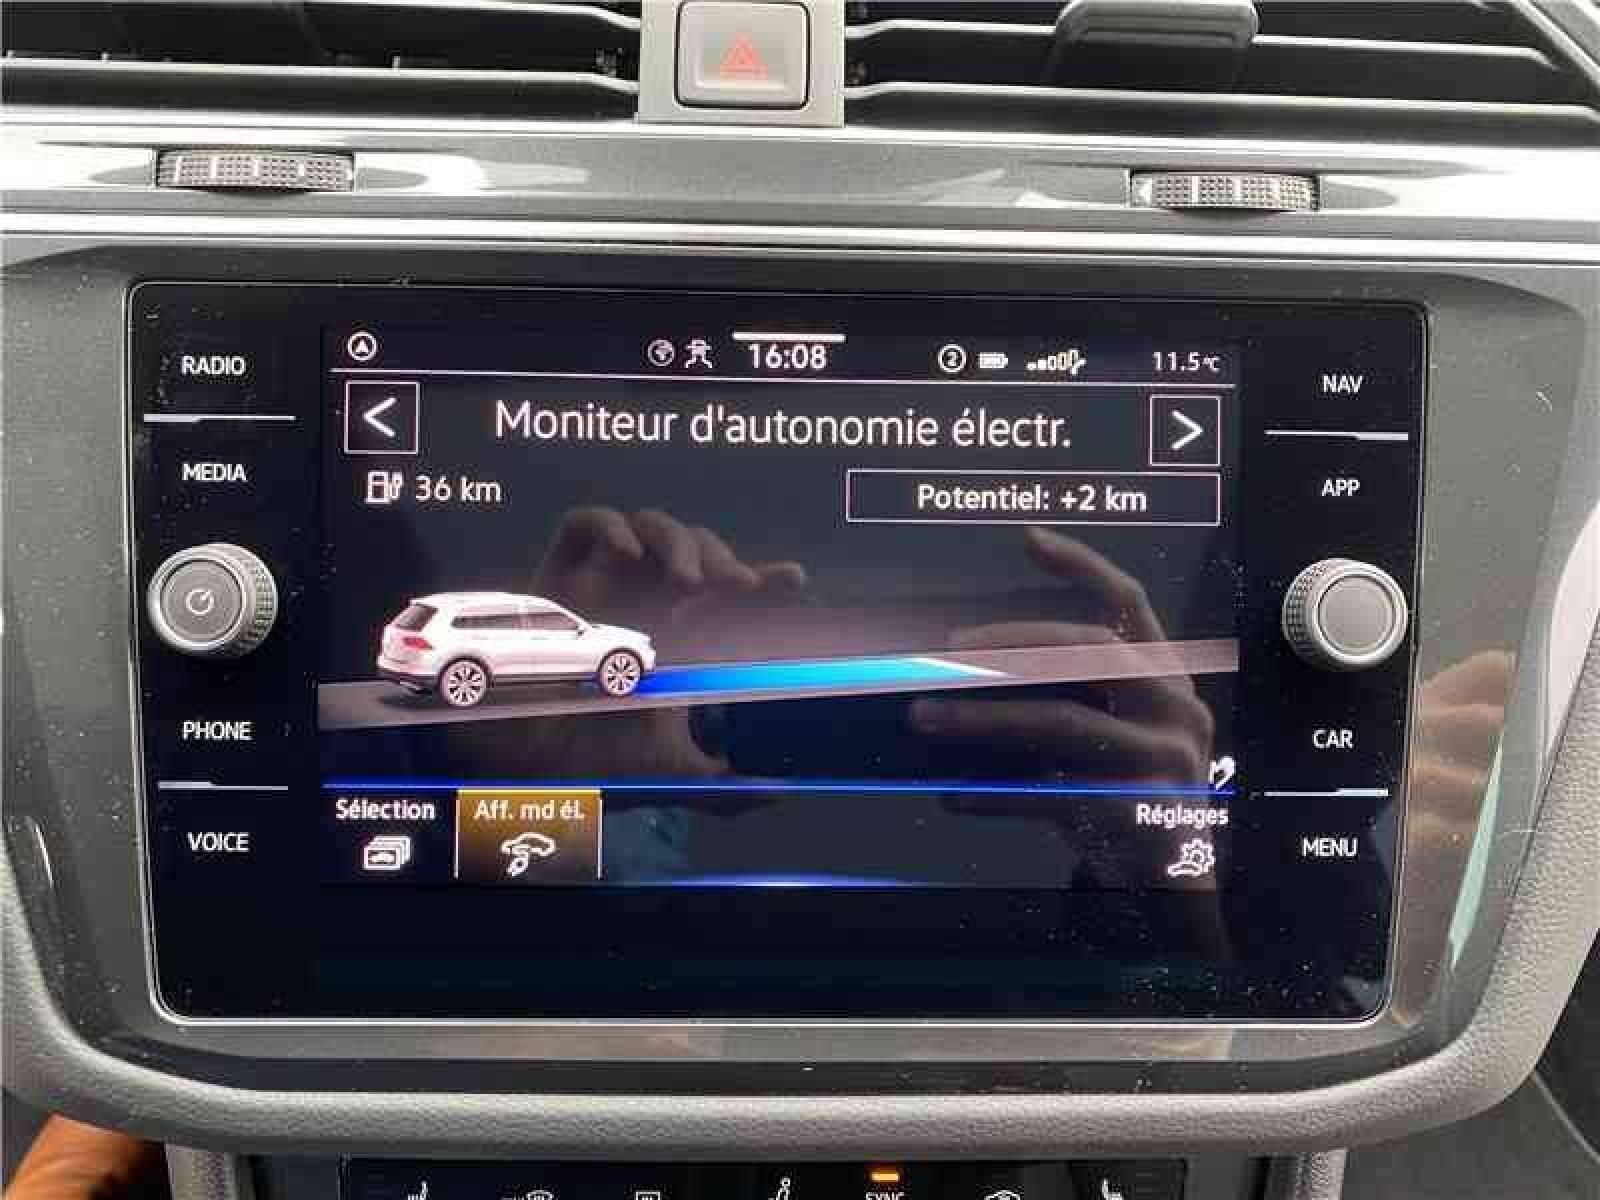 VOLKSWAGEN Tiguan 1.4 eHybrid 245 DSG6 - véhicule d'occasion - LEMAUVIEL AUTOMOBILES - Présentation site web V2 - Lemauviel Automobiles - VIRE - 14500 - VIRE - 18